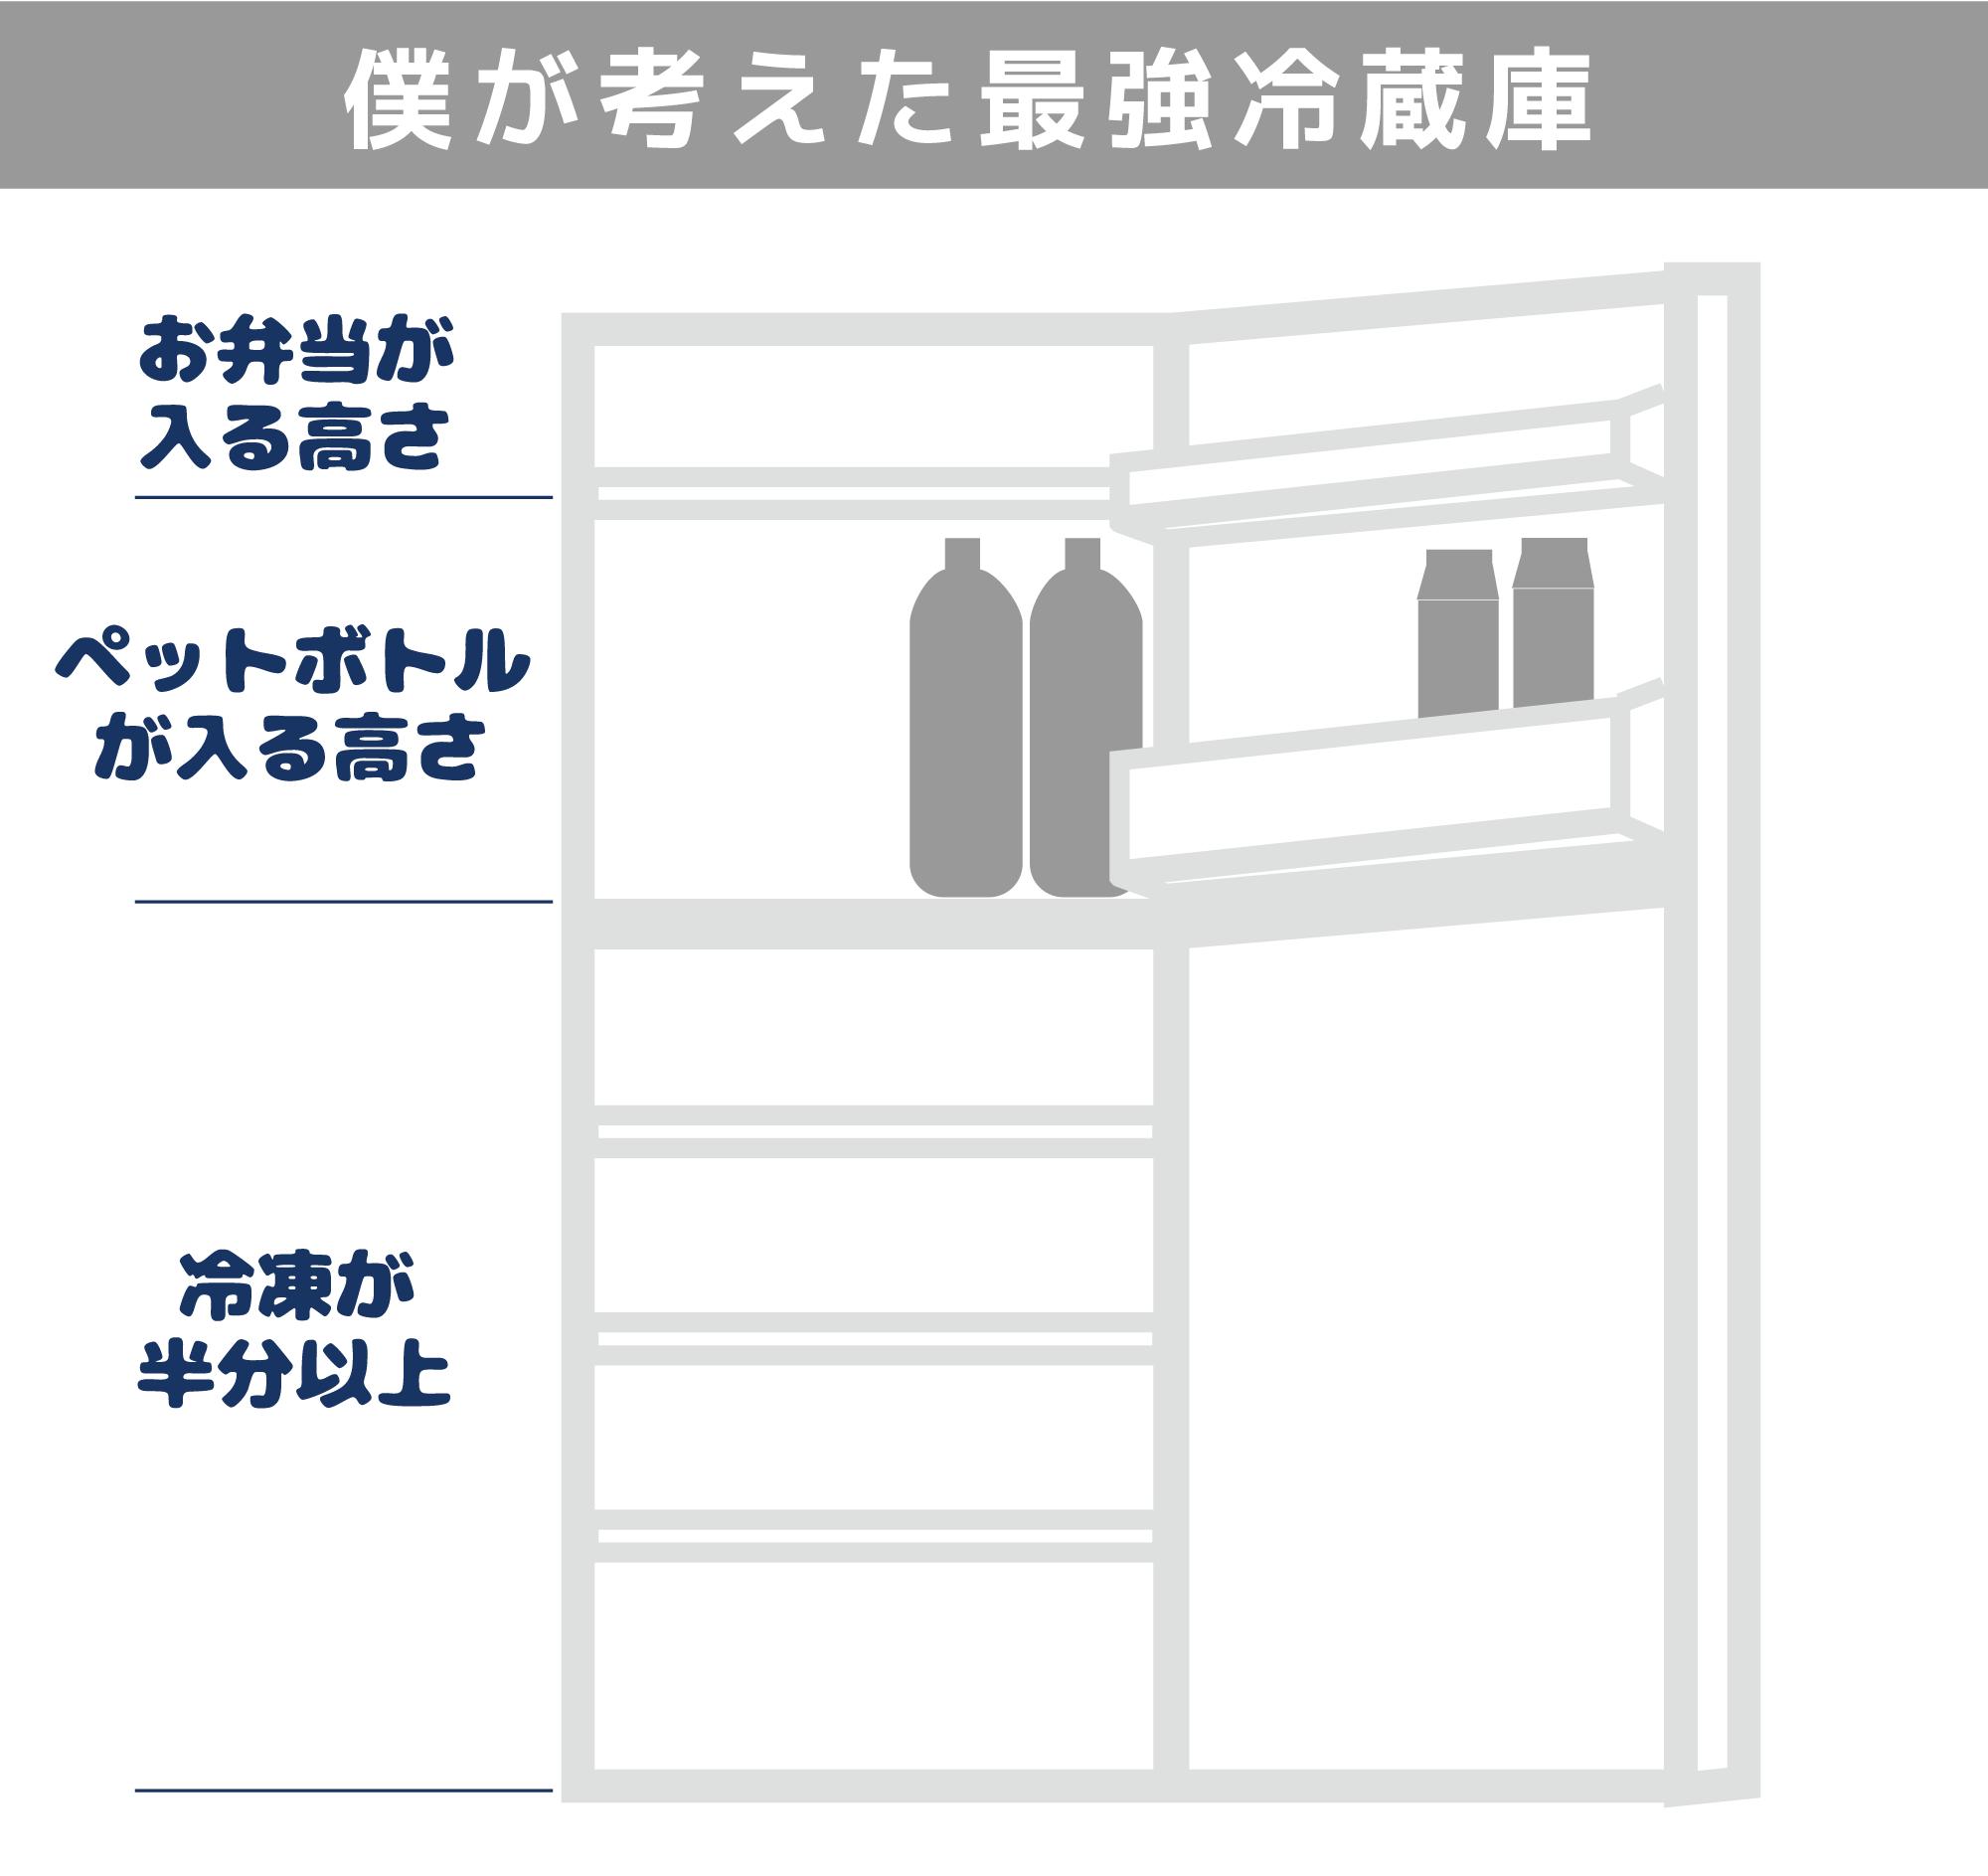 僕の考えたら最強冷蔵庫:冷凍庫が大きめ。:冷凍庫の大きい冷蔵庫のススメ